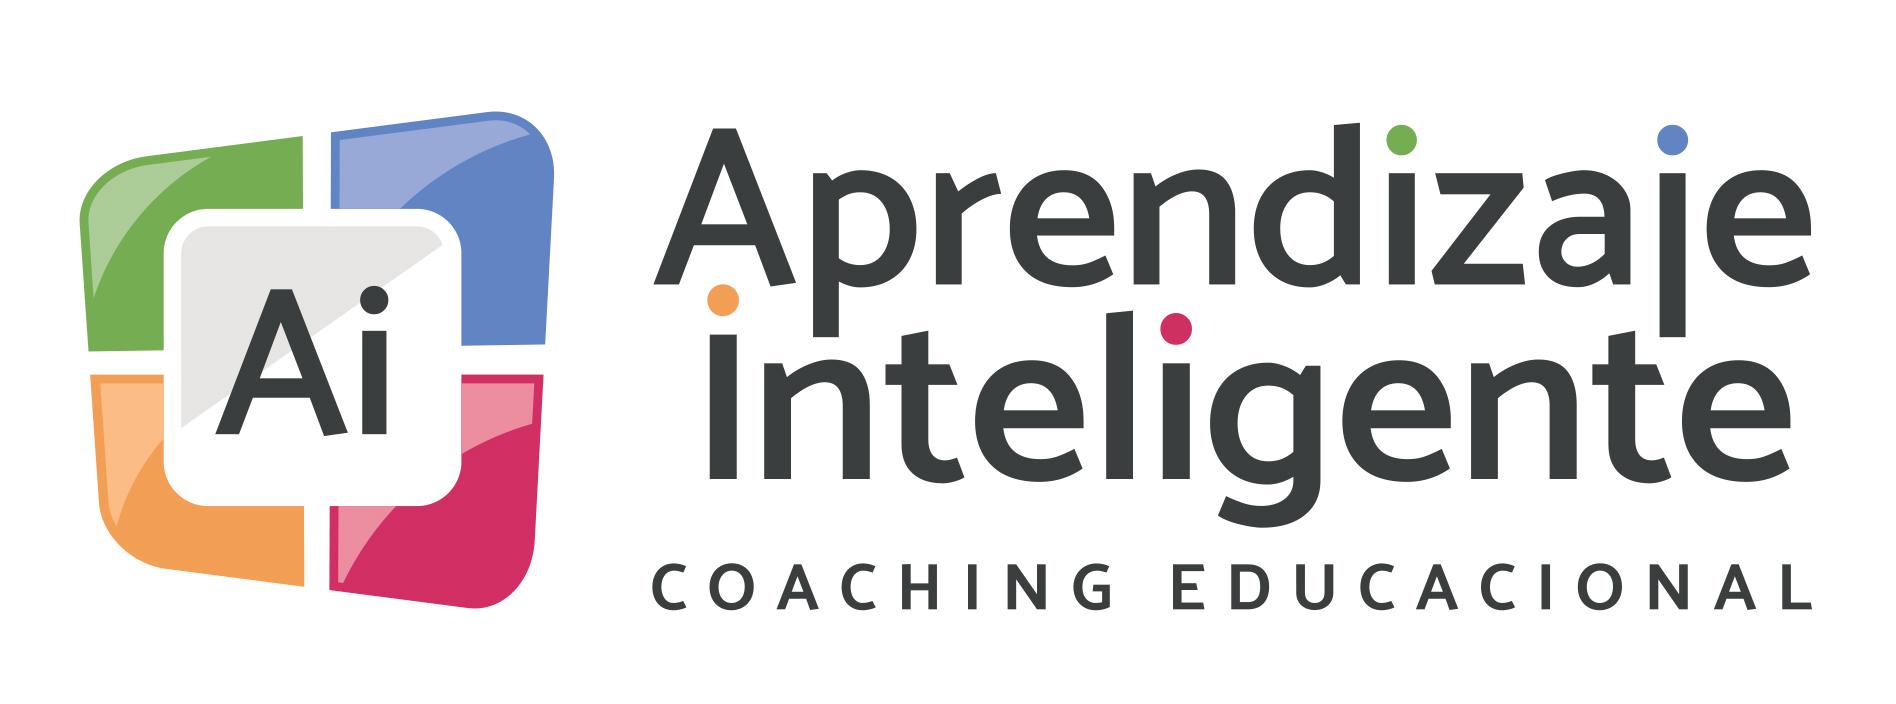 Empresas Desafio10x: Aprendizaje Inteligente